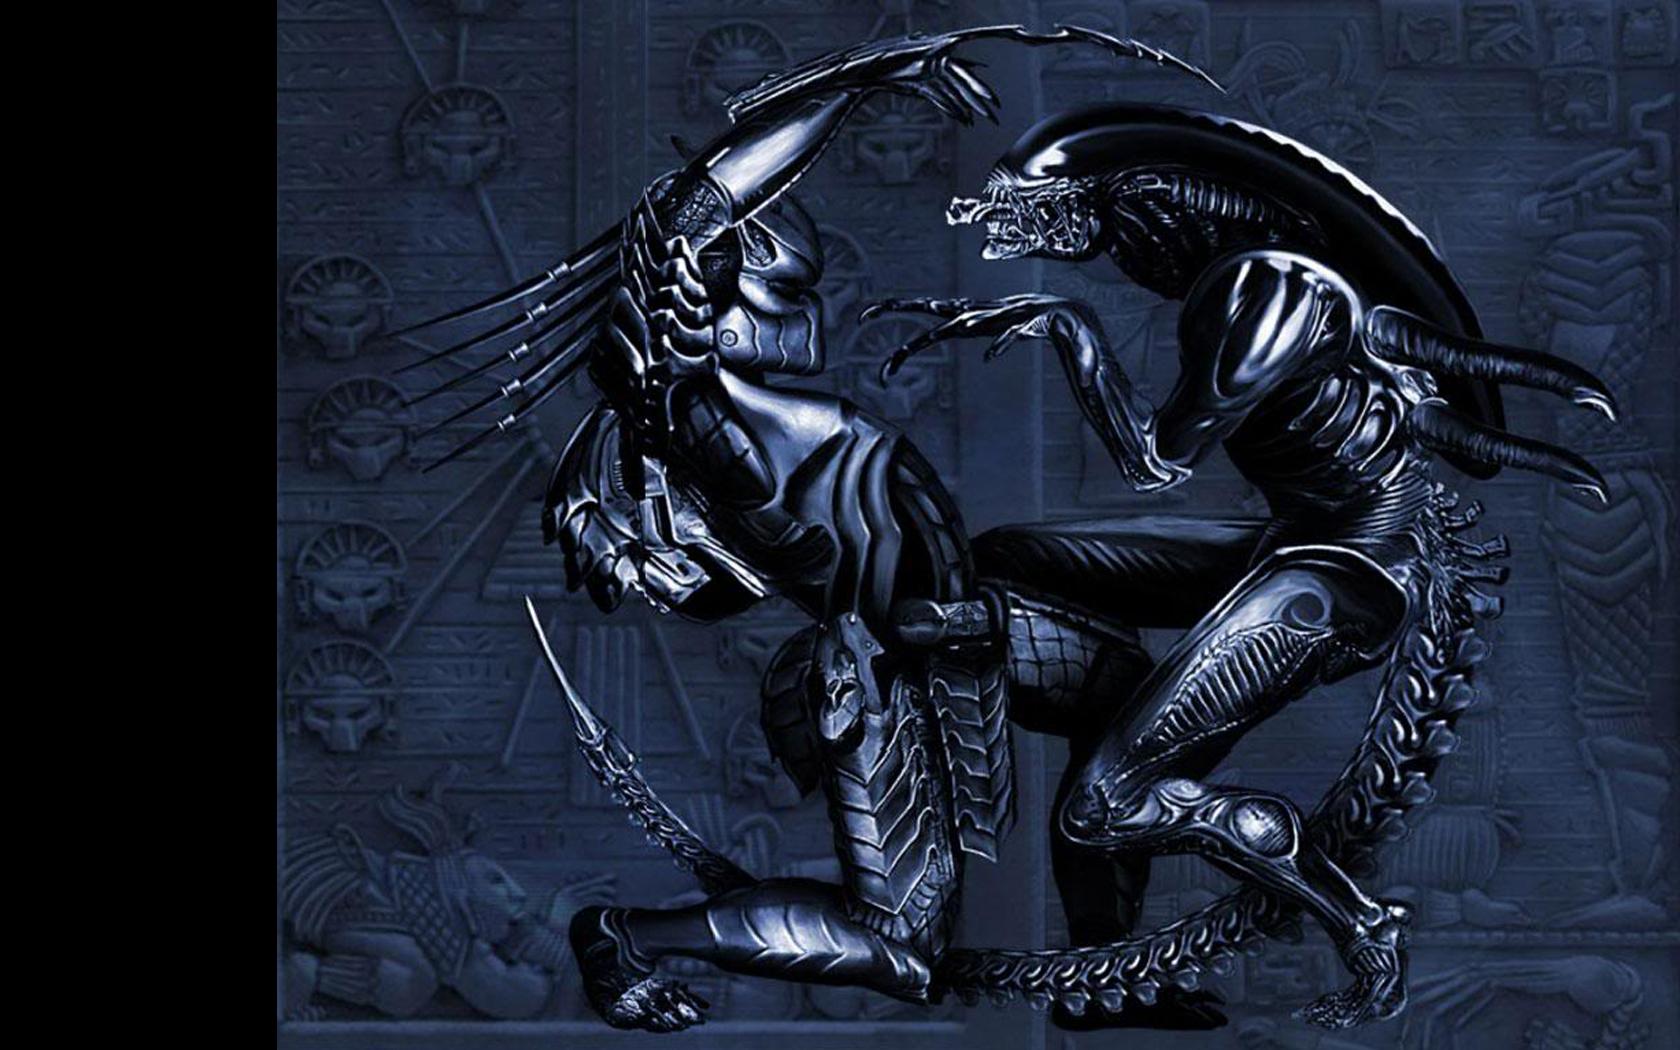 Predator 2 Wallpaper - WallpaperSafari